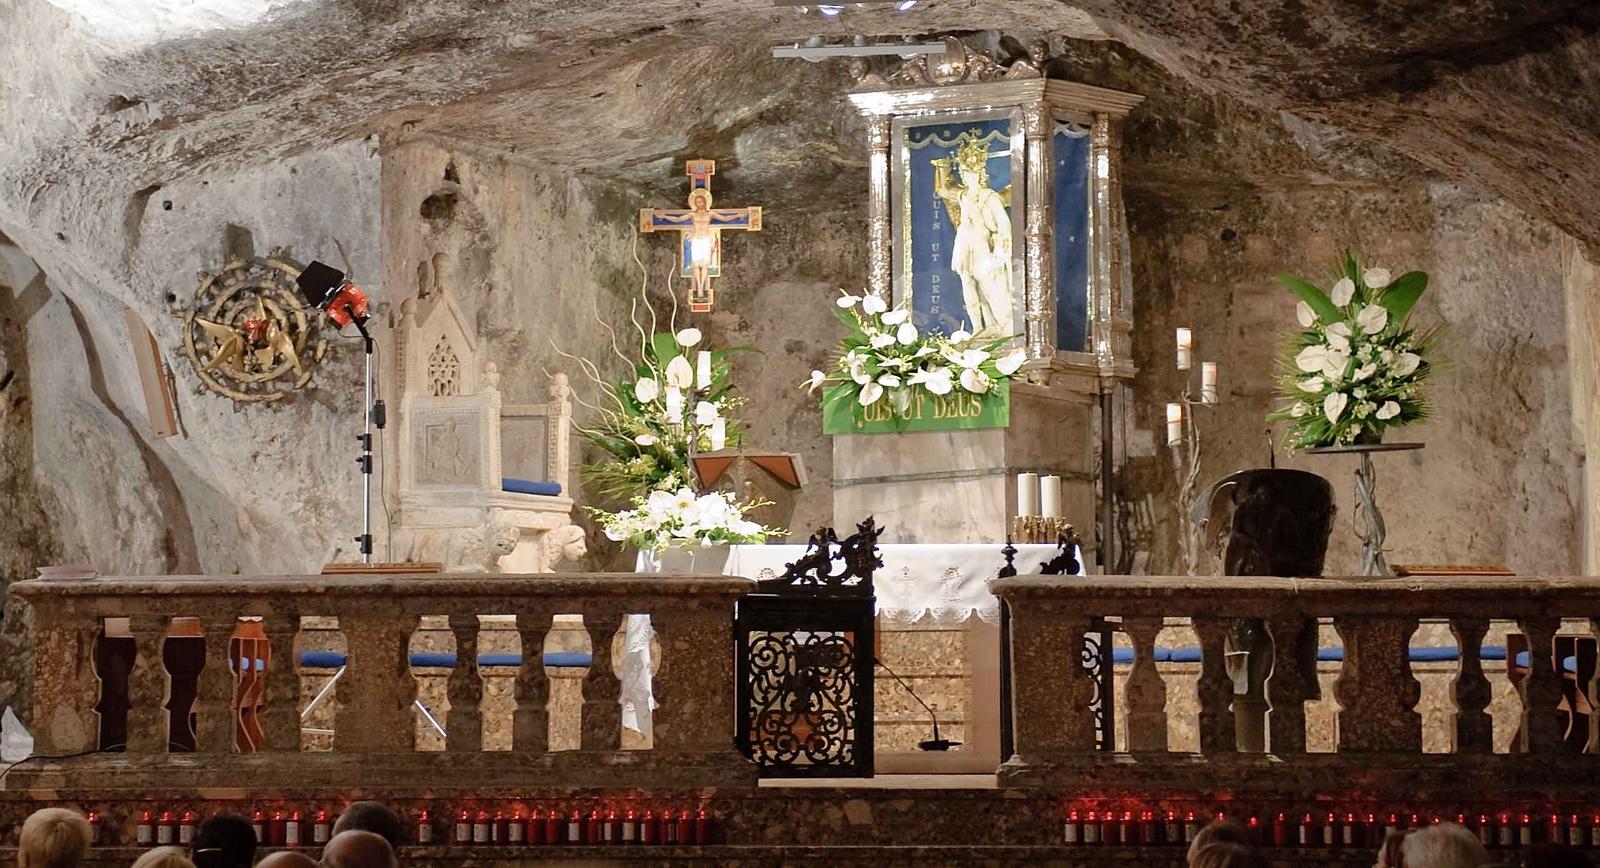 Visita al Santuario de San Miguel Arcángel del Monte Sant Angelo en Gargano